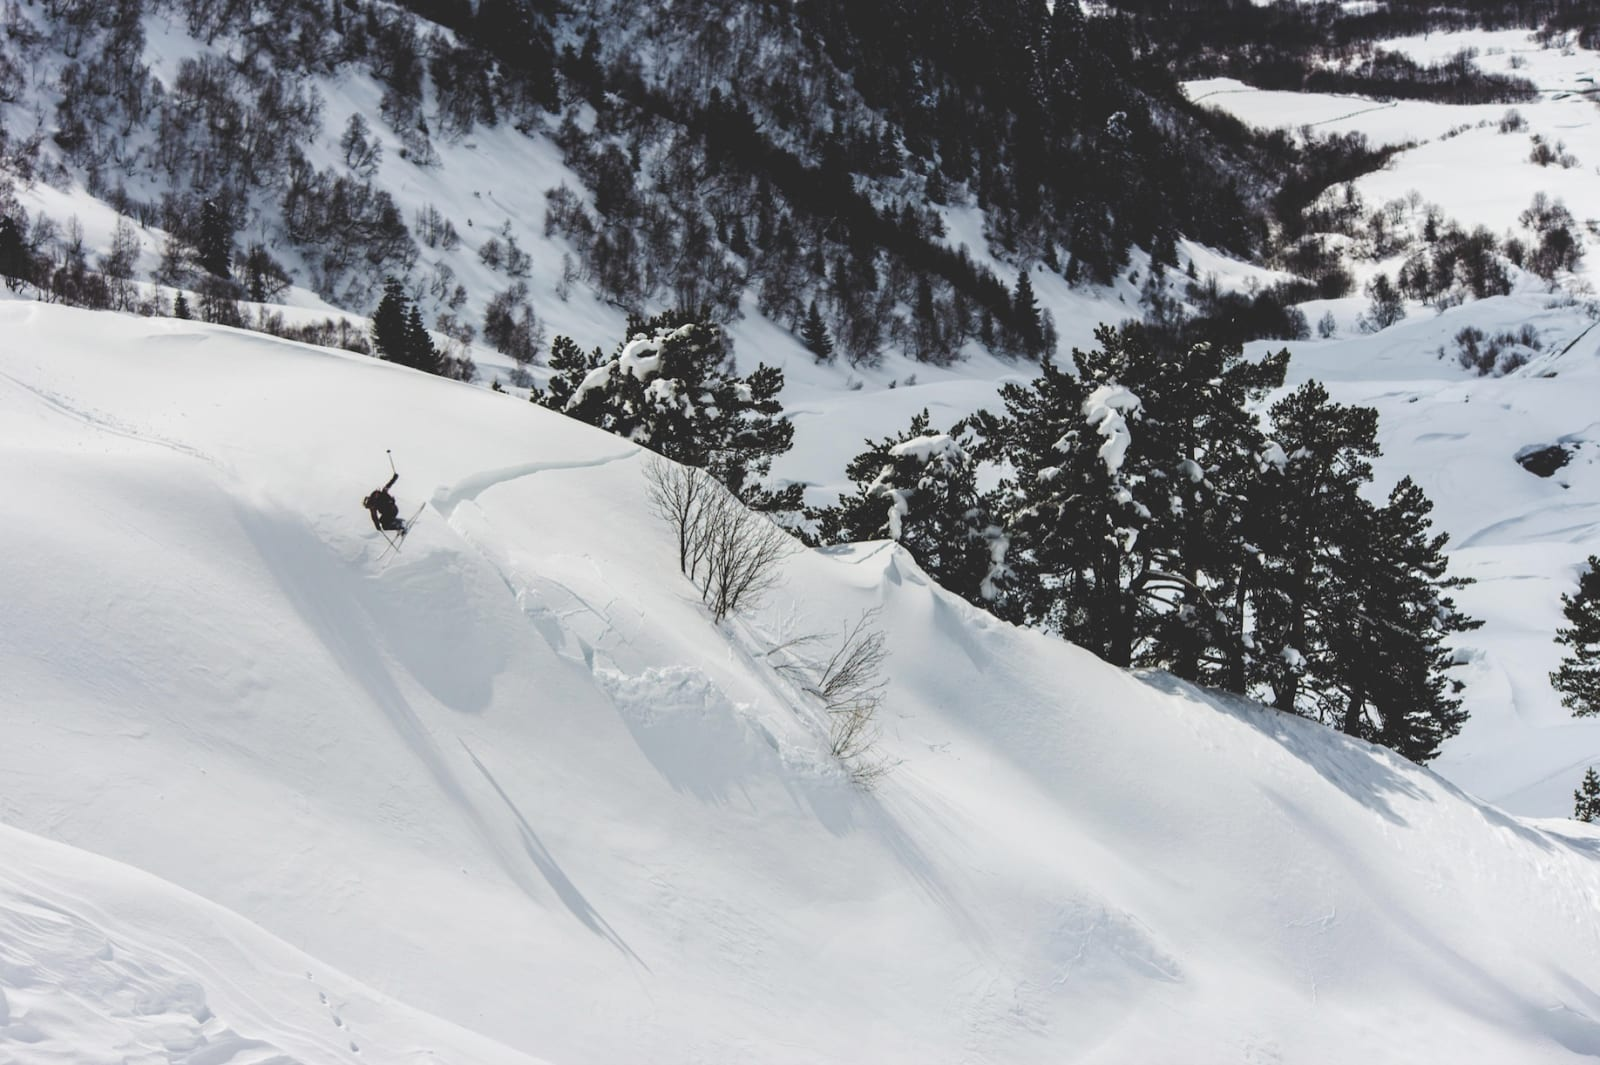 SNØPROBLEMATIKKEN: Ned frå Himmelberget gjorde ikkje snøen det enkelt for oss; store svingingar i temperaturen hadde skapt svake lag i snødekket som stadig truga med å breiste.